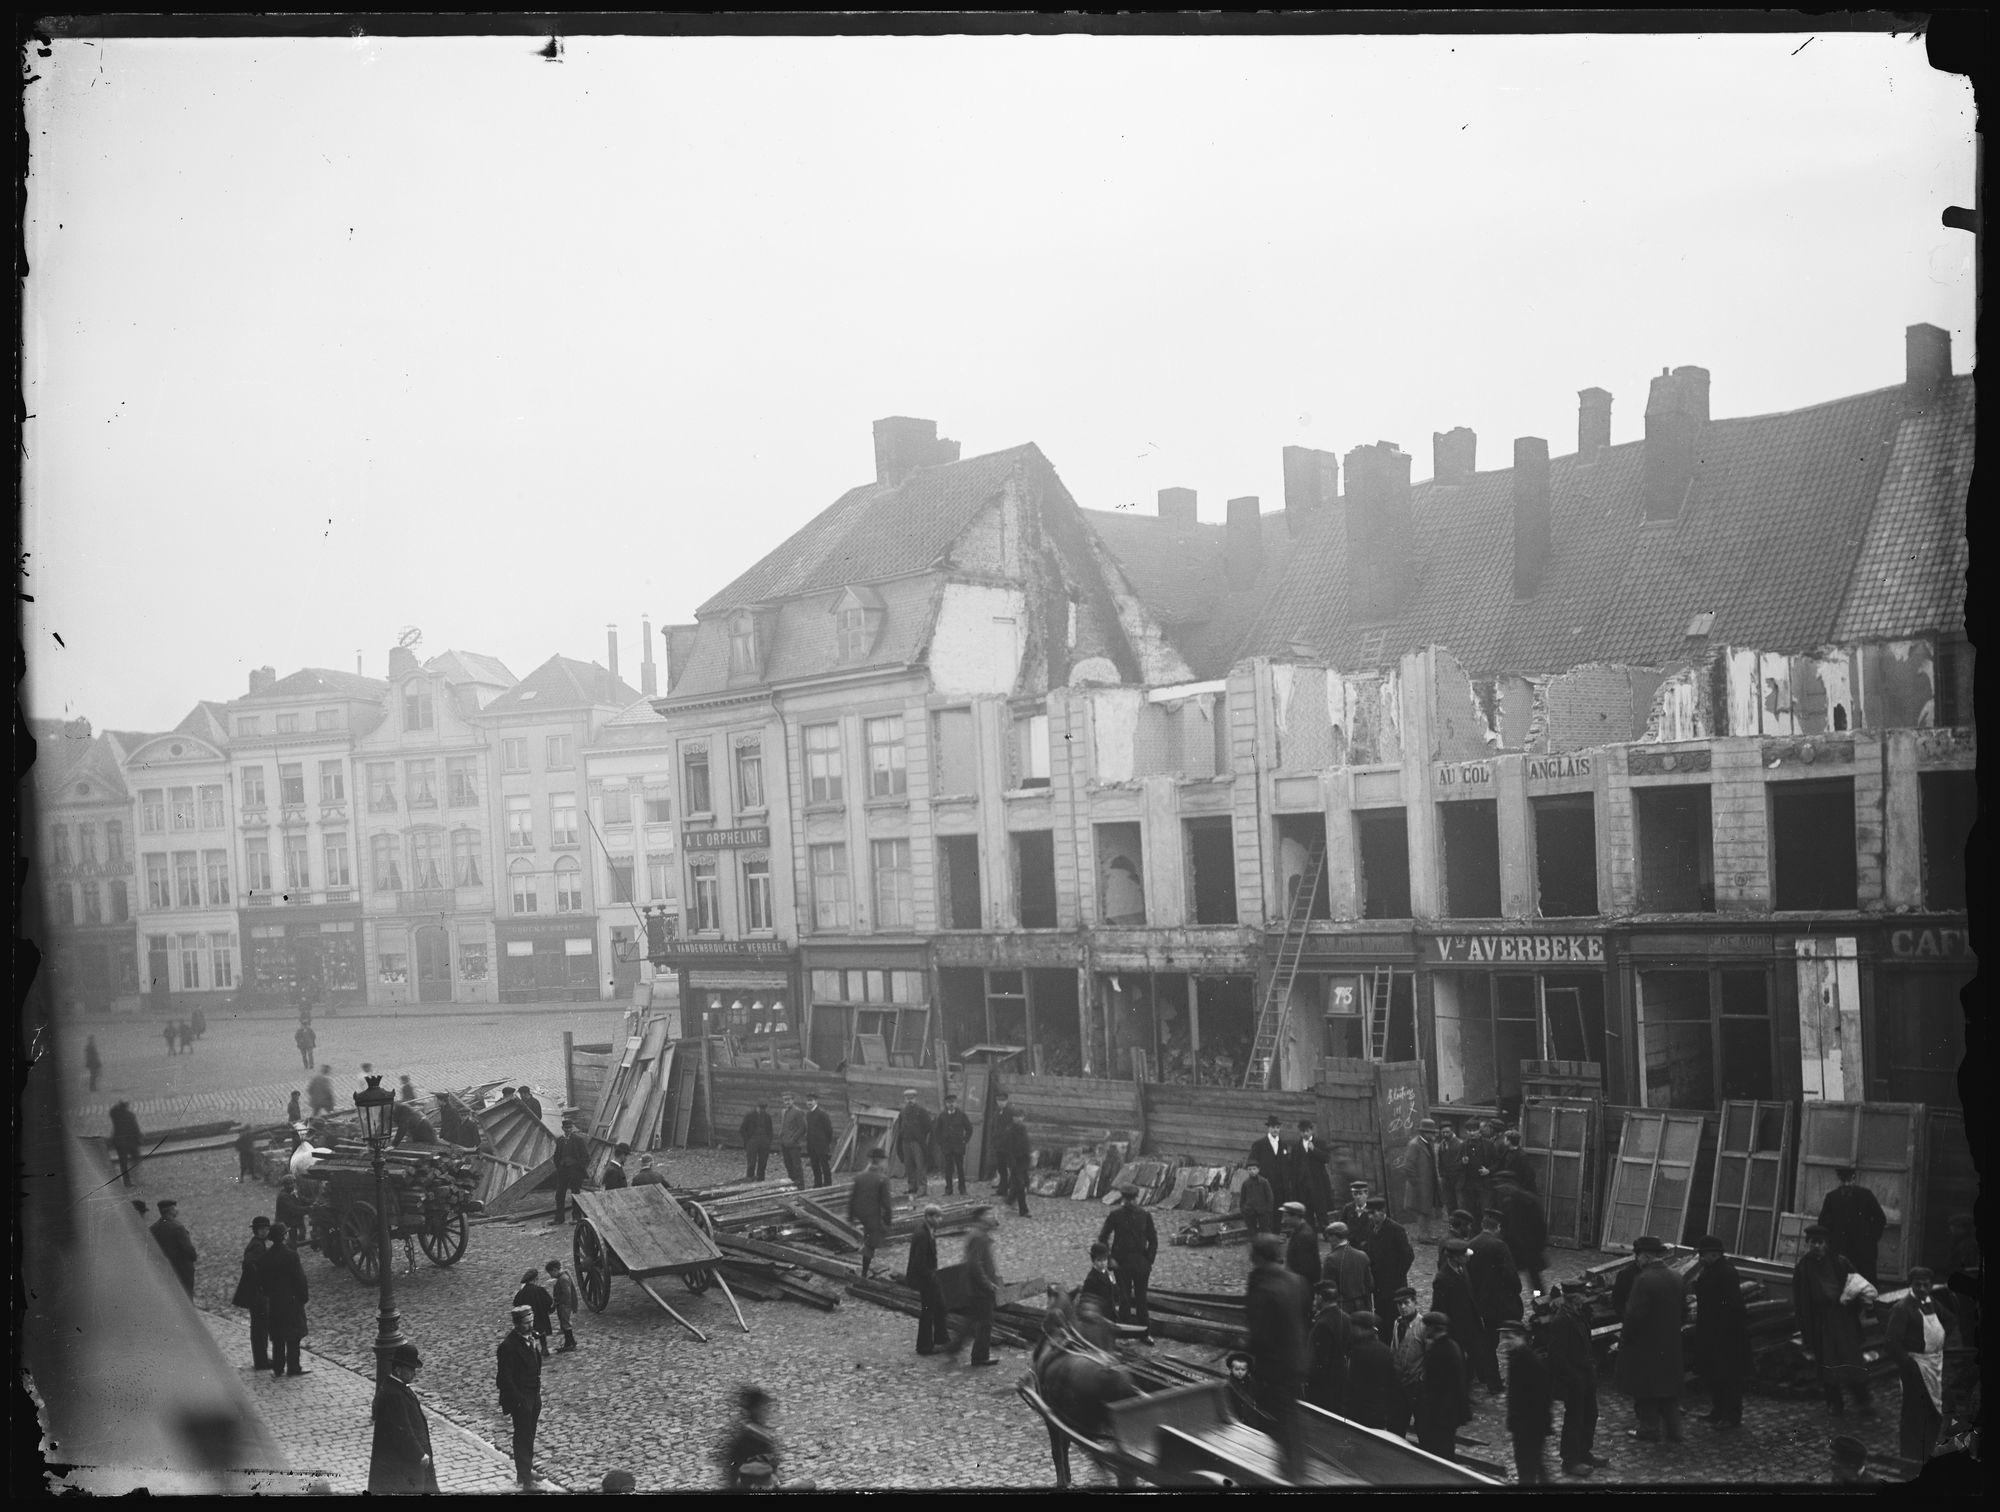 Afbraak huizen op de Grote Markt in 1899